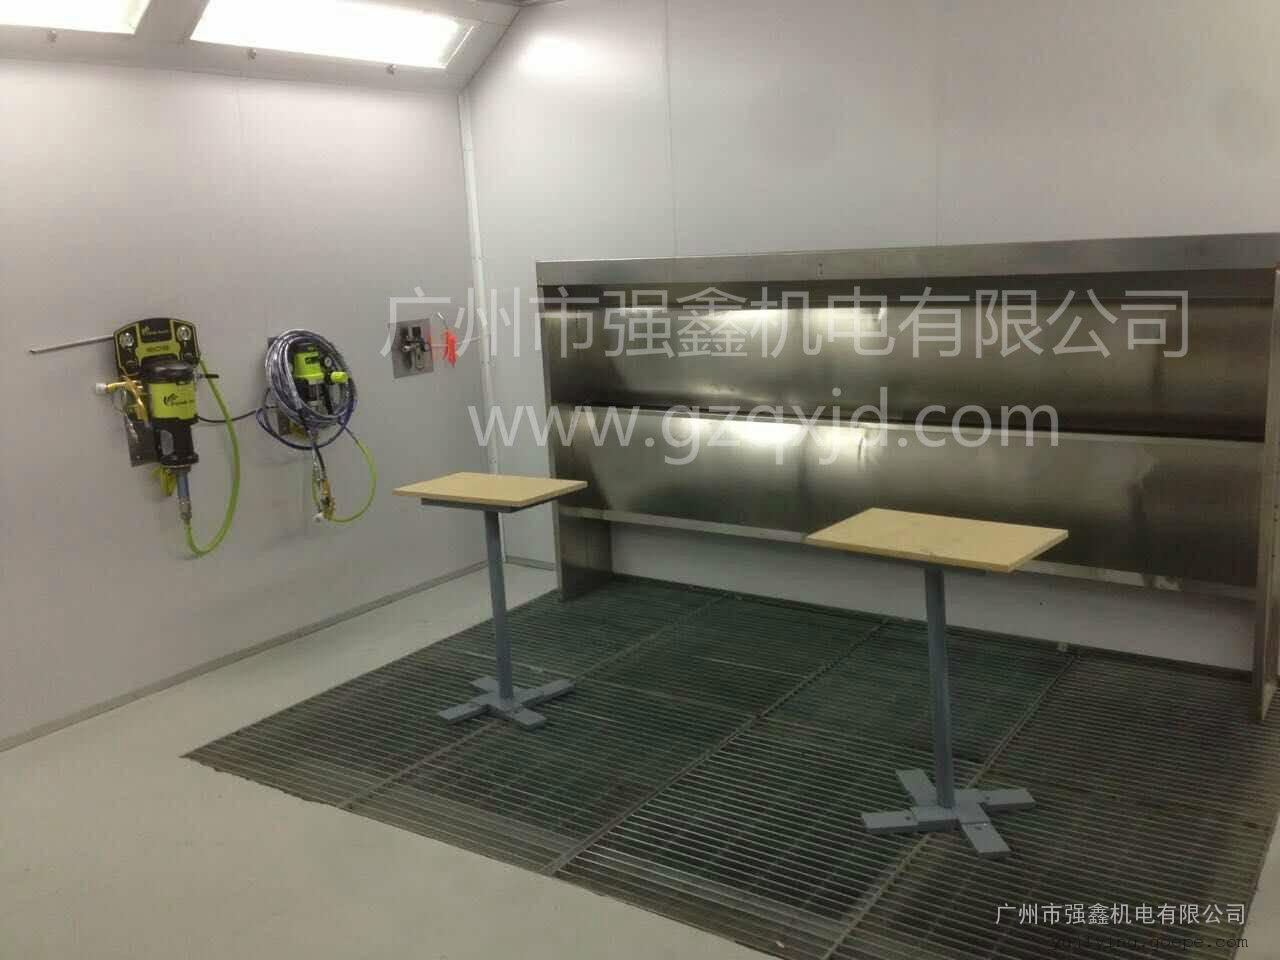 木质家具喷漆房,不锈钢水帘柜喷漆房报价,免费设计定制尺寸